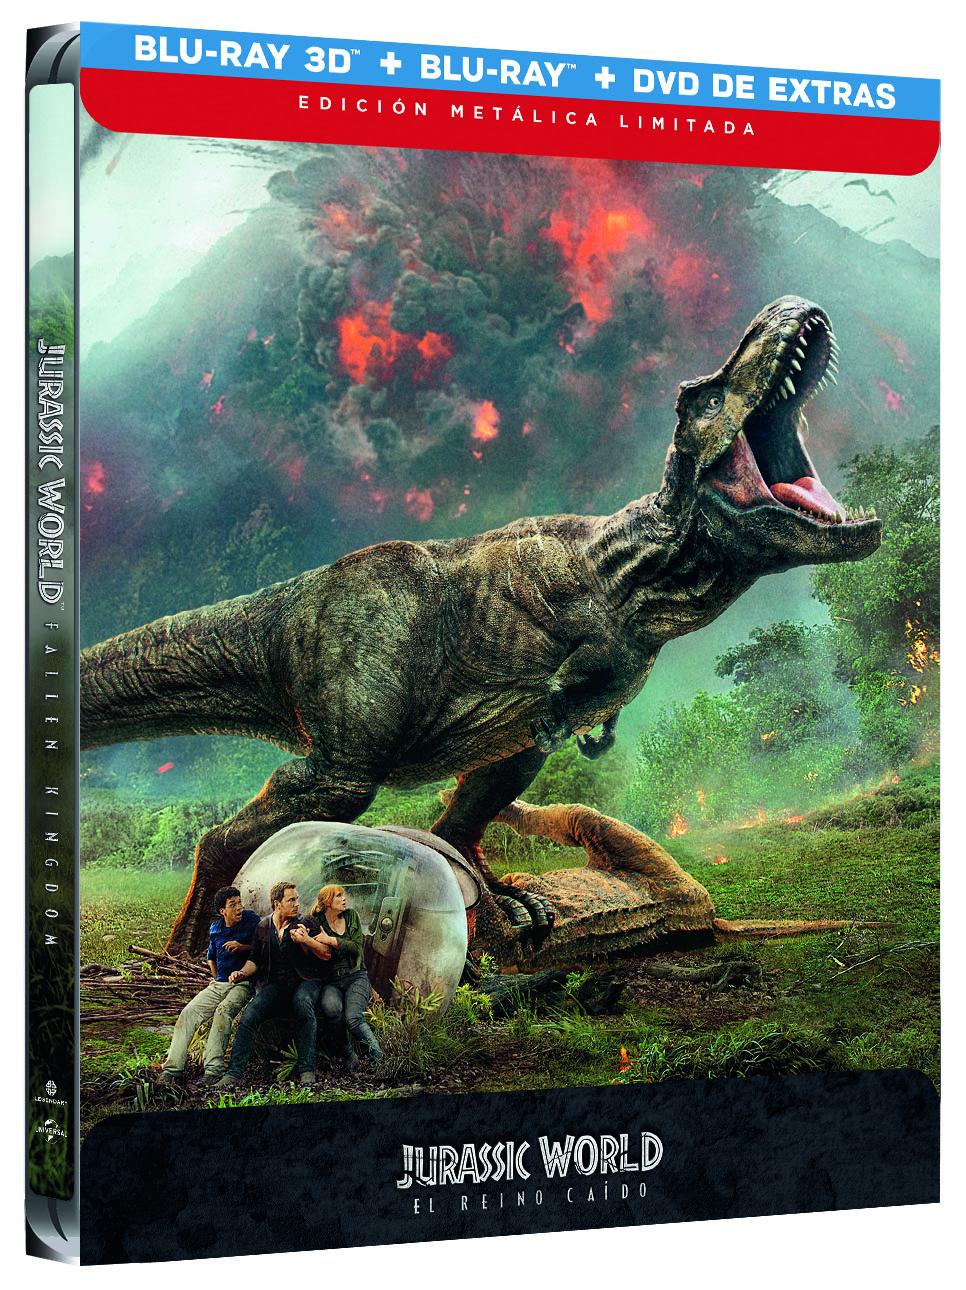 Jurassic World: El Reino Caído Steelbook 3D y 2D